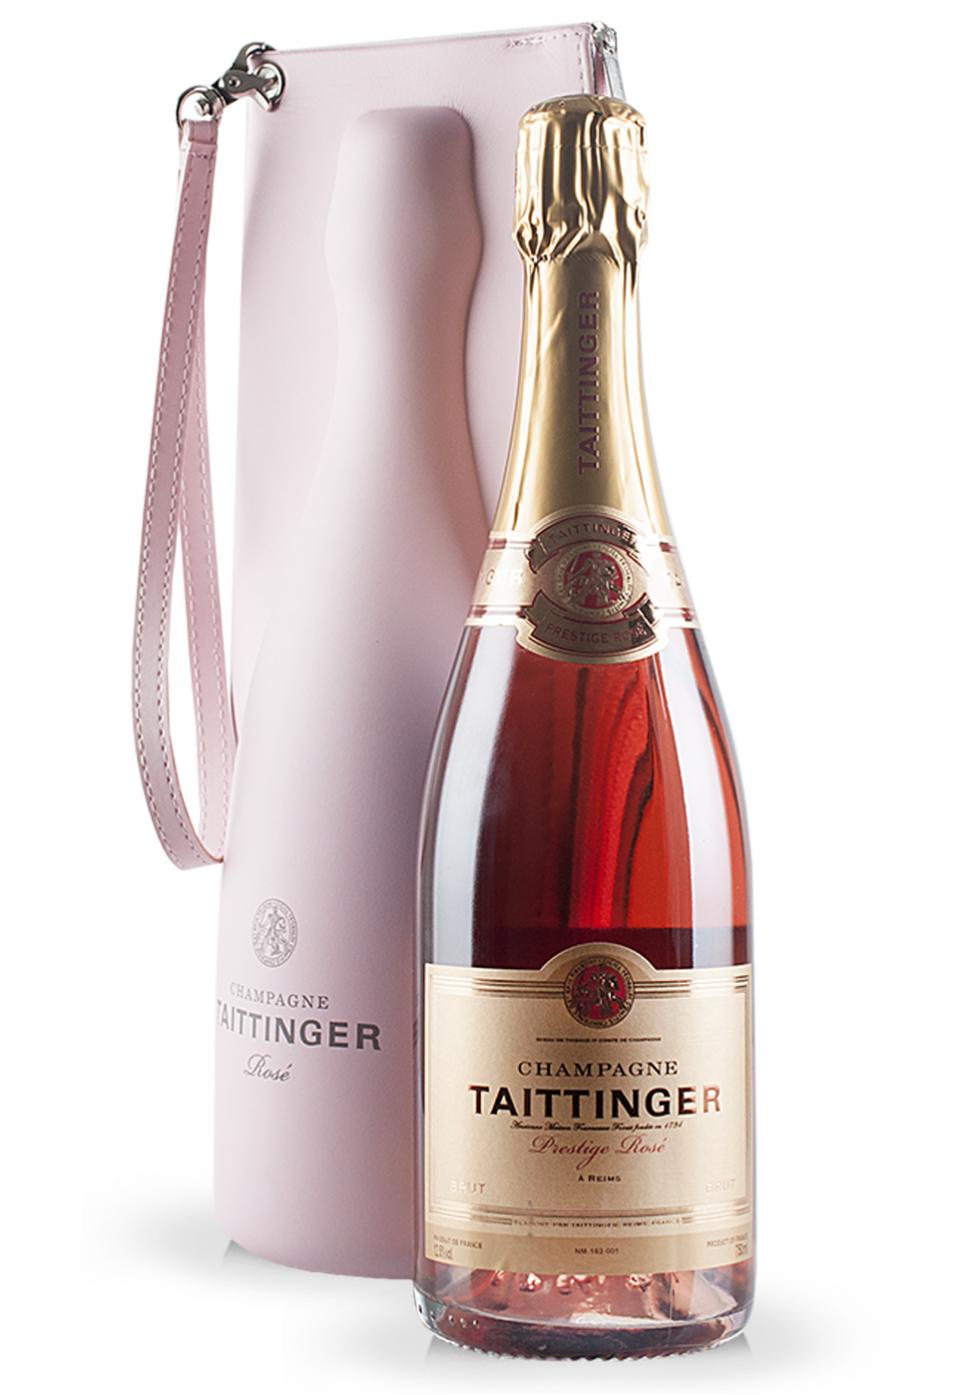 Champagne taittinger jacket prestige - Champagne taittinger cuvee prestige ...